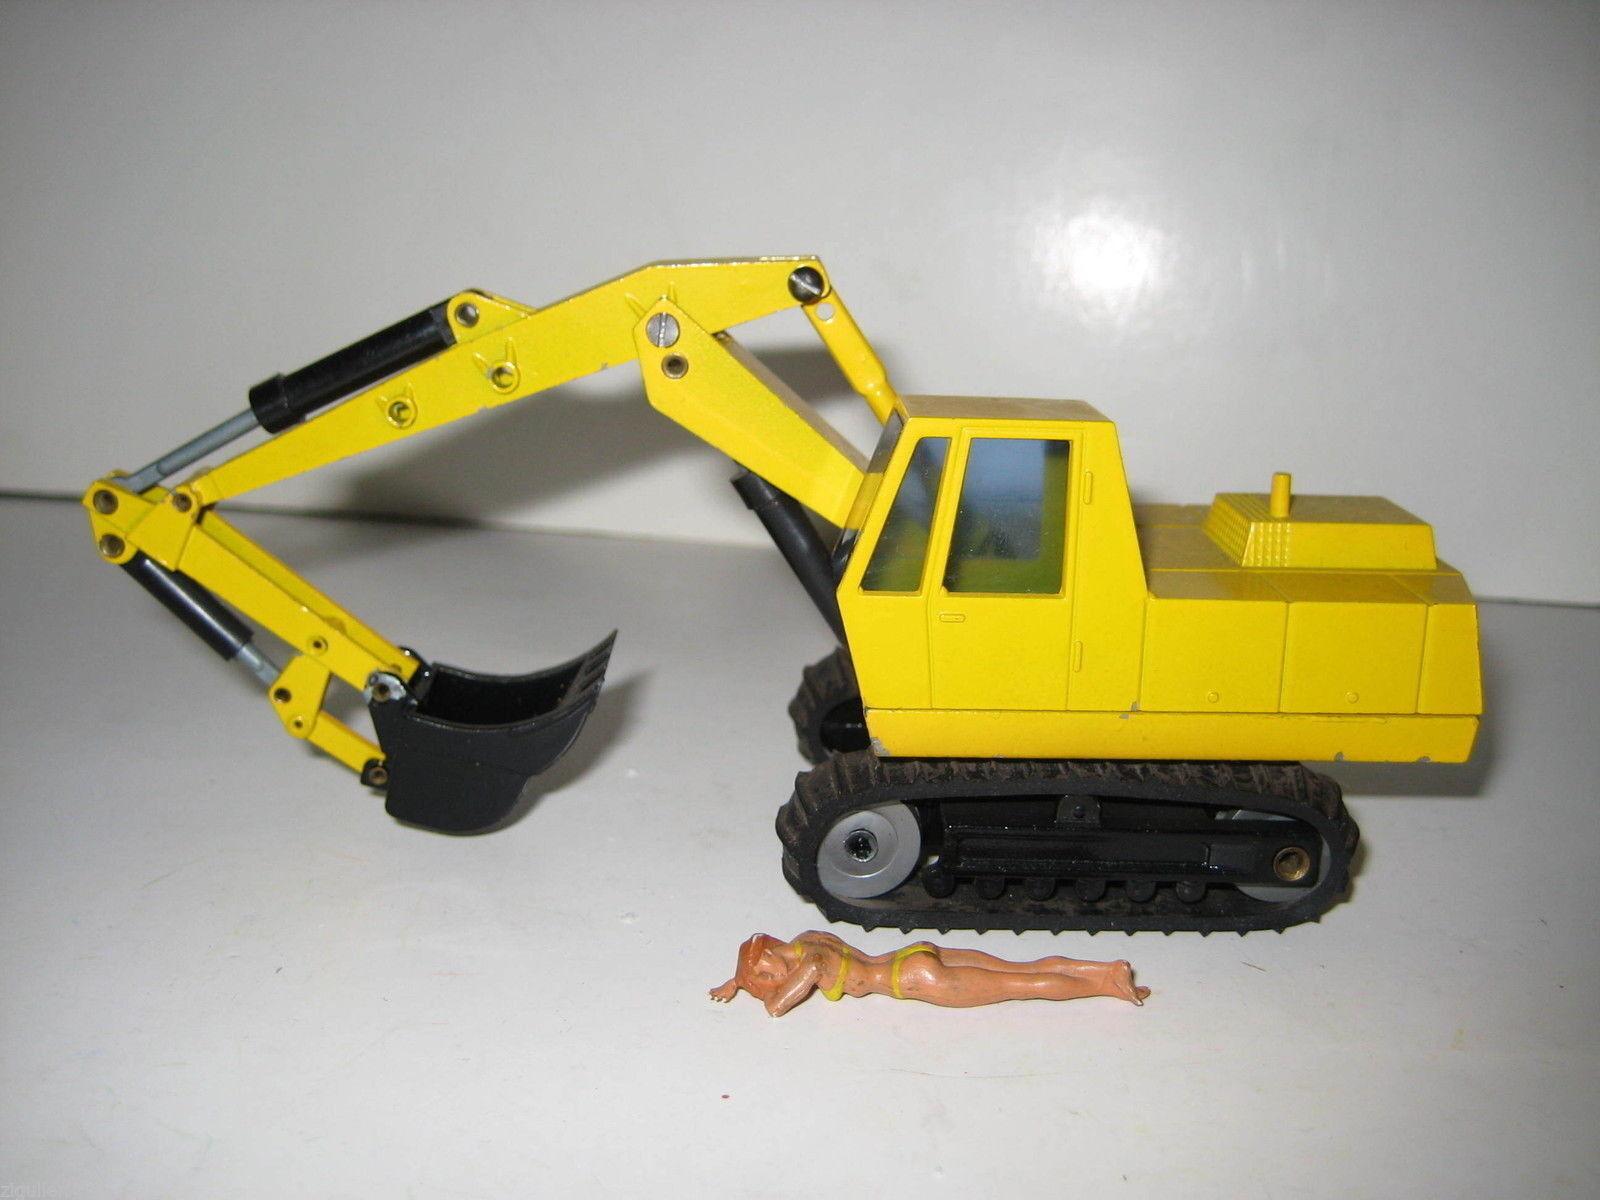 Whitlock 50 r excavator shovel plastikfelgen  110.1c nzg 1